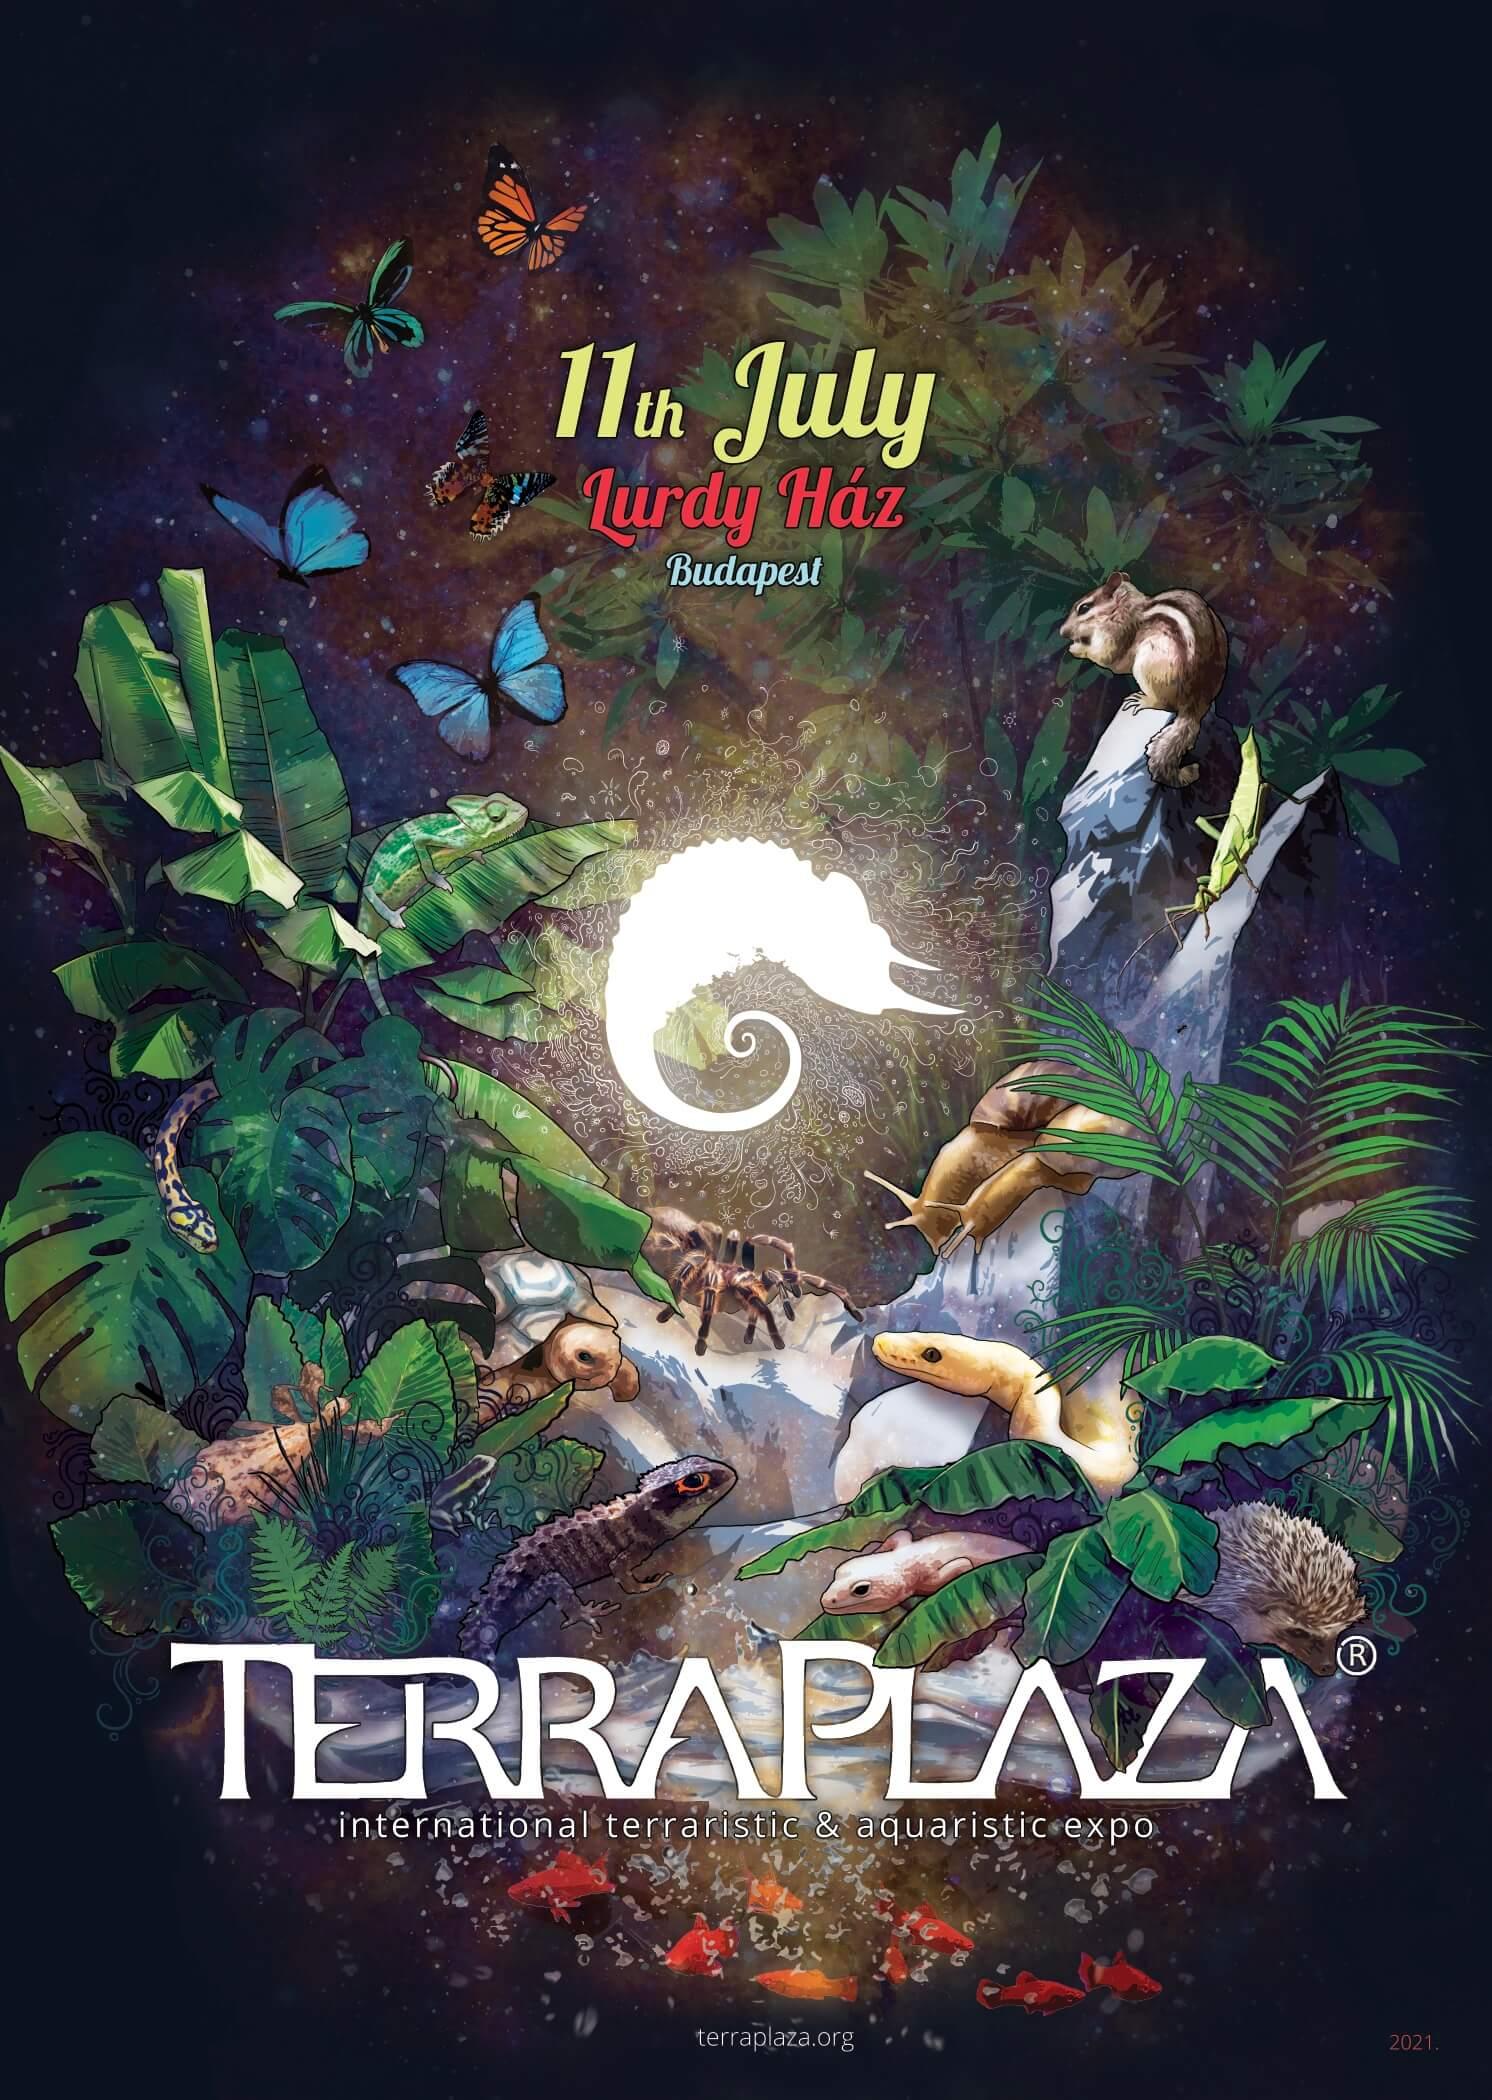 TerraPlaza 2021 julius